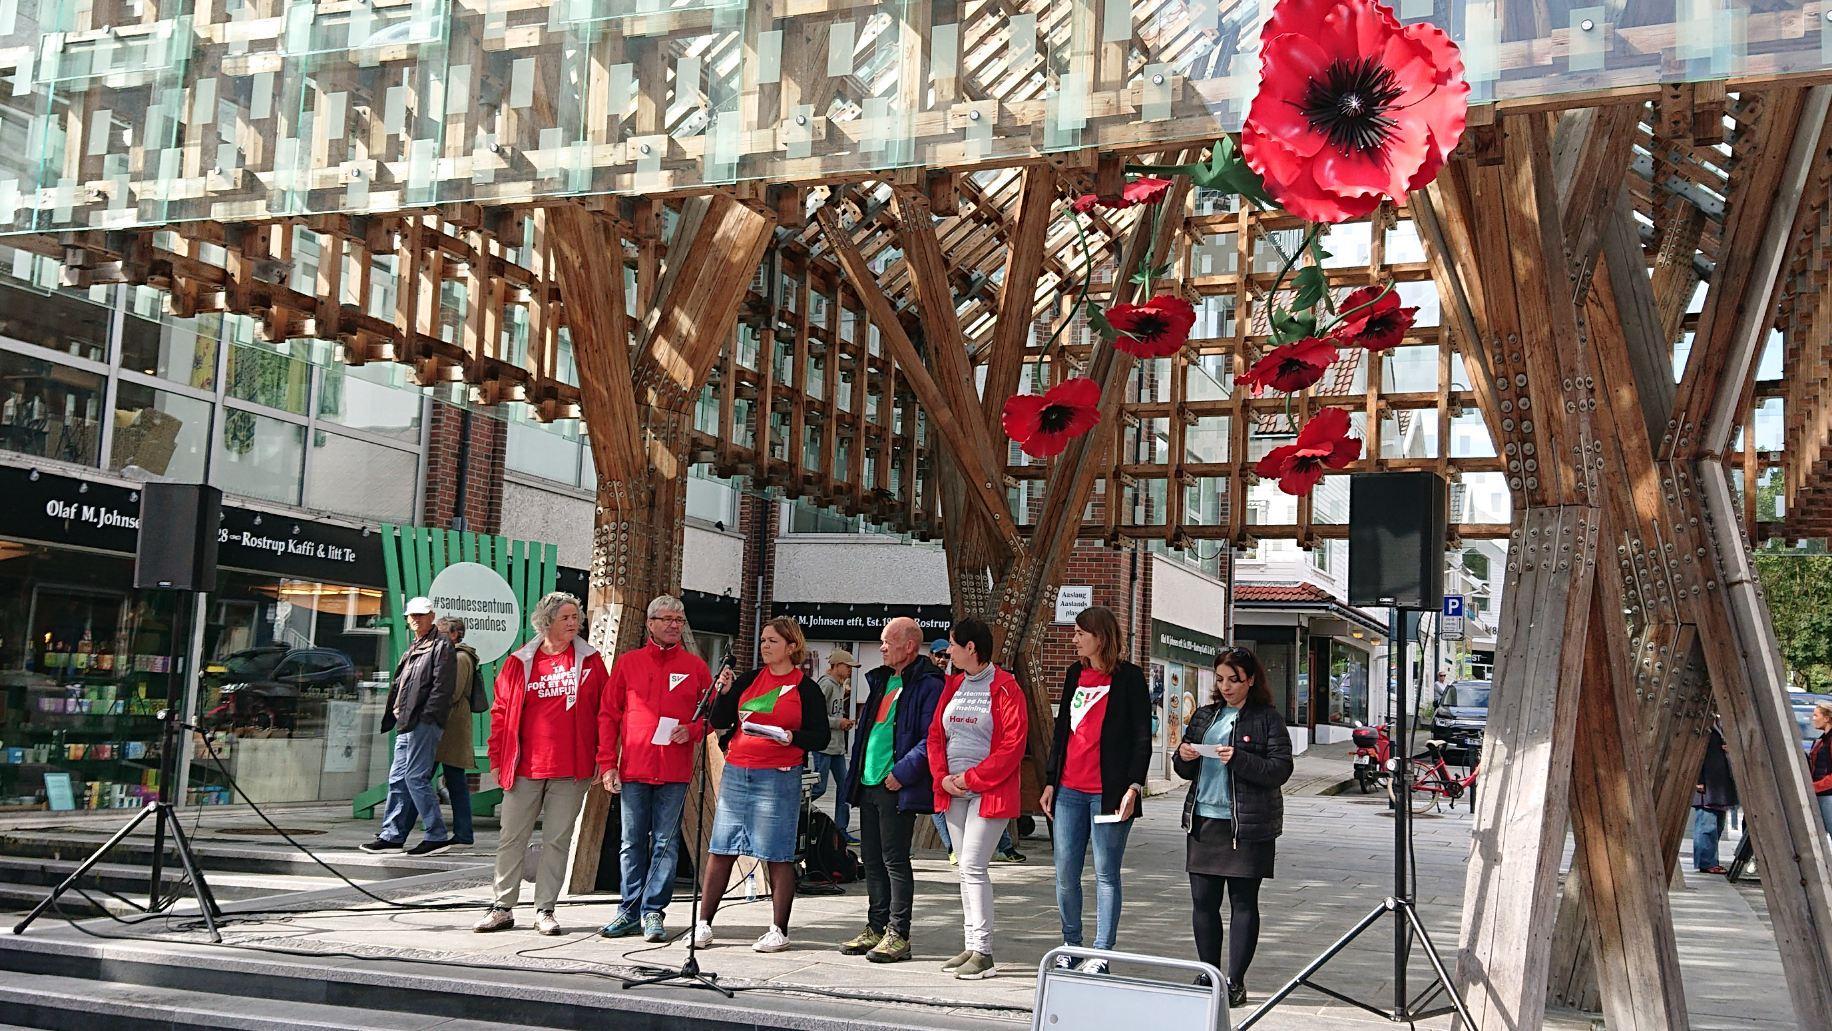 sju av kandidatene til Sandnes SV holder appell under byfesten 7. september.